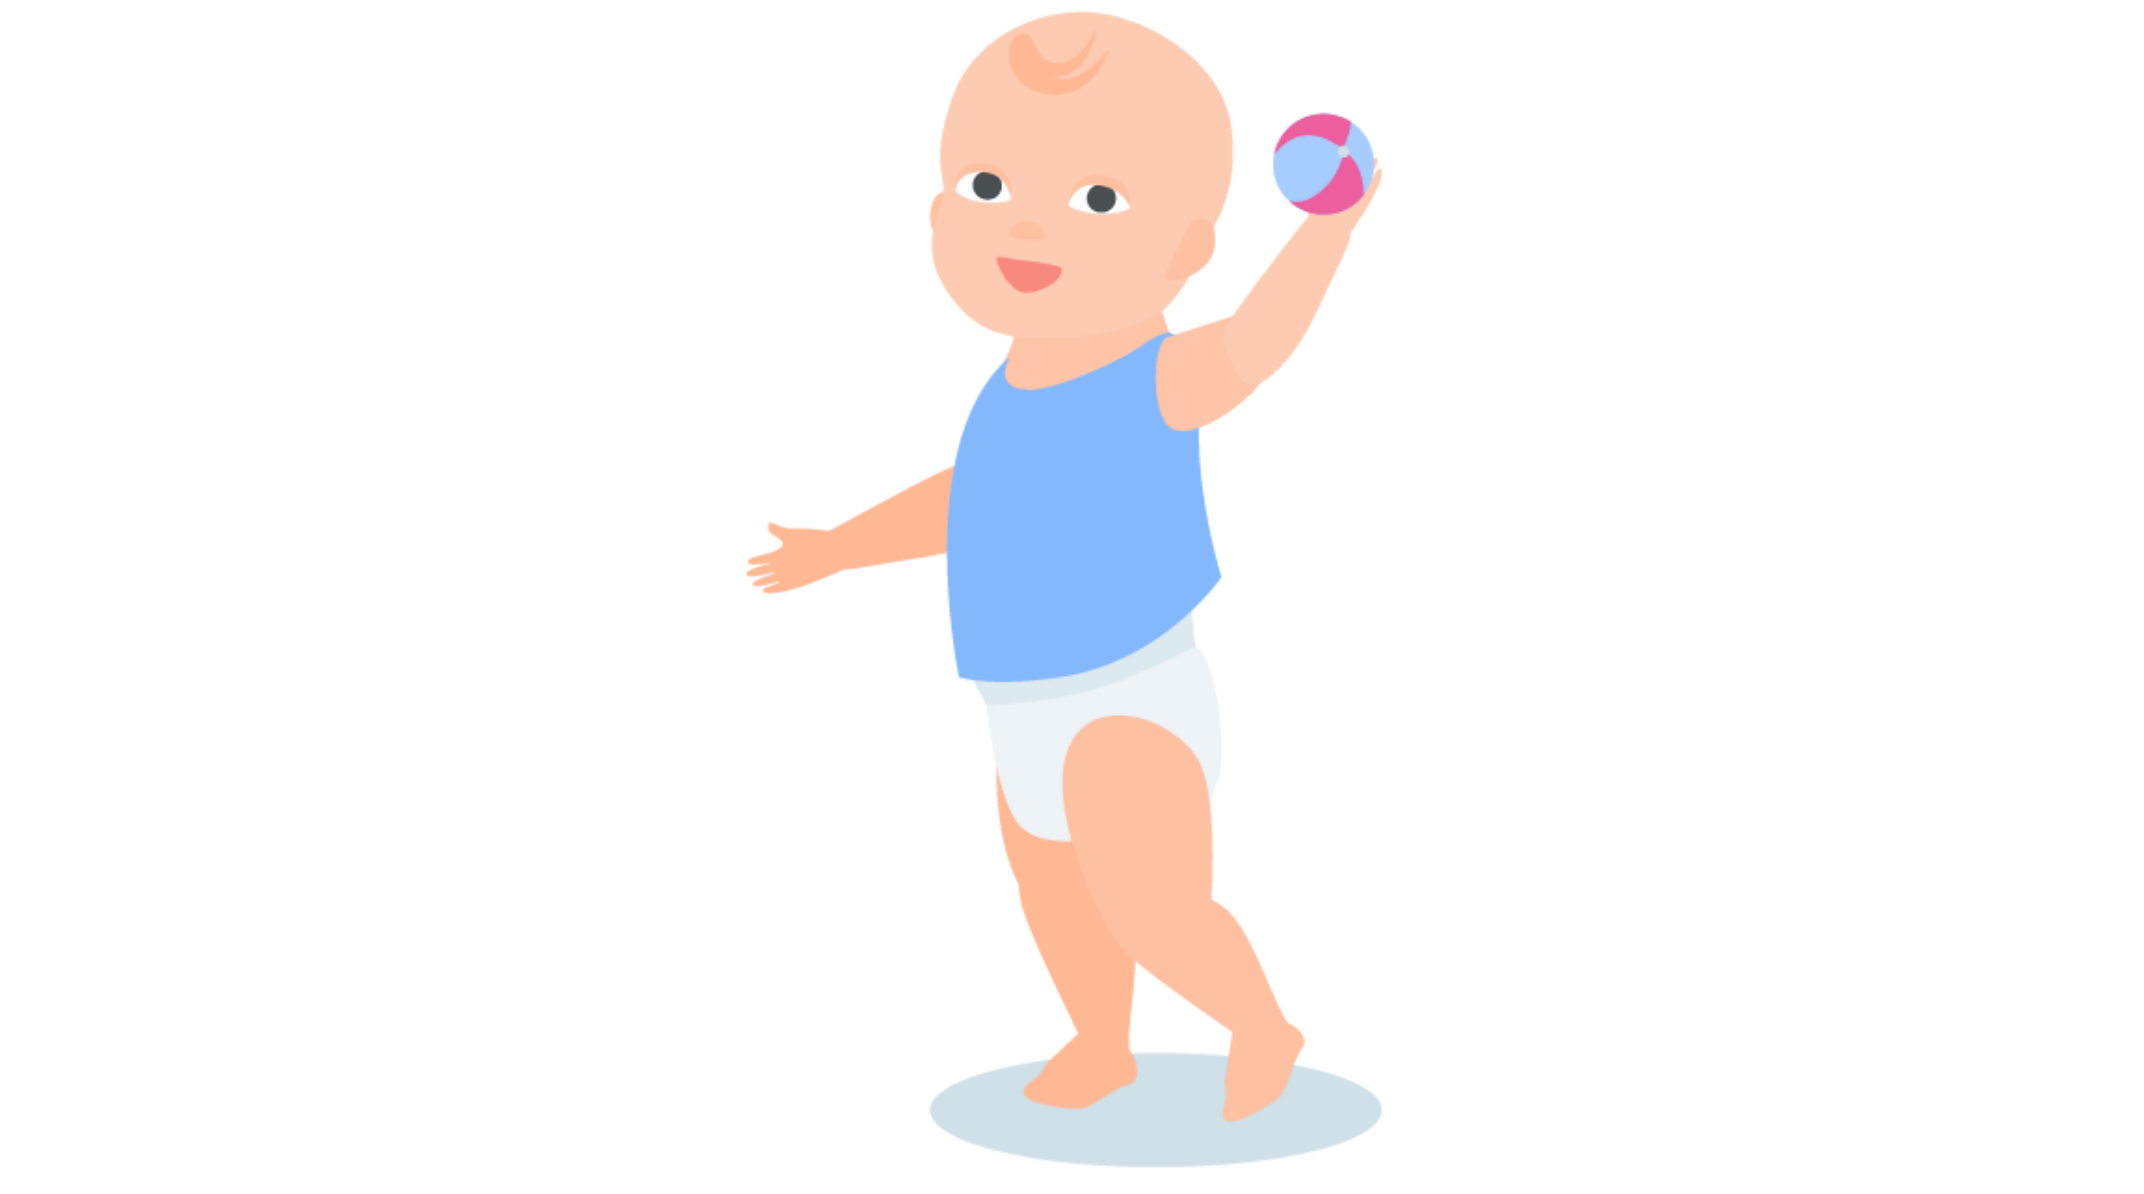 ११  महीने के बच्चे के लिए मील के पत्थर